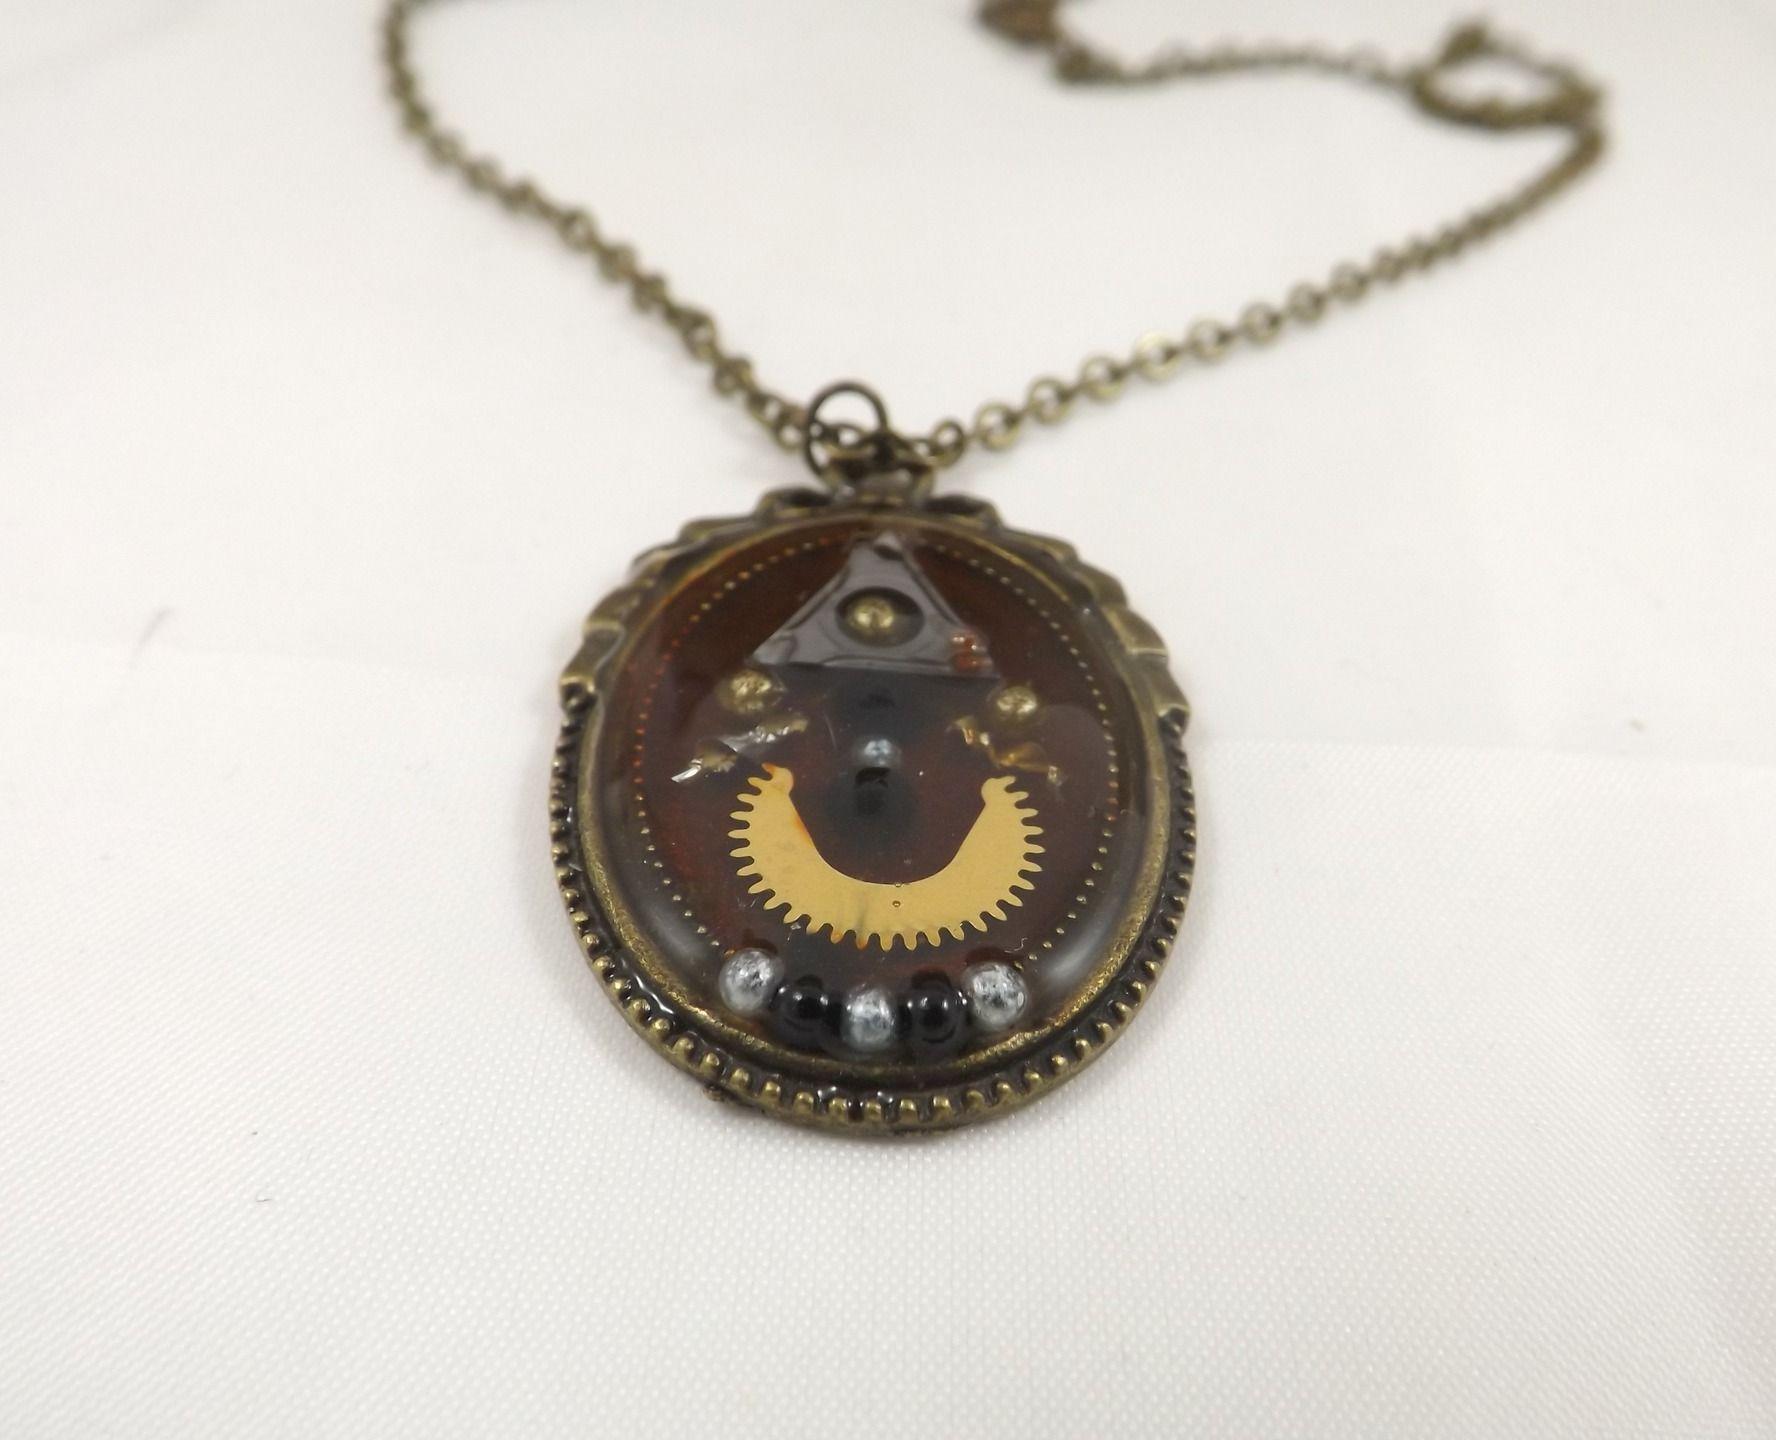 Collier ovale steampunk, le bonhomme en pièces détachées, mecanismes d horlogerie, plaquette, micro billes : Collier par long-nathalie